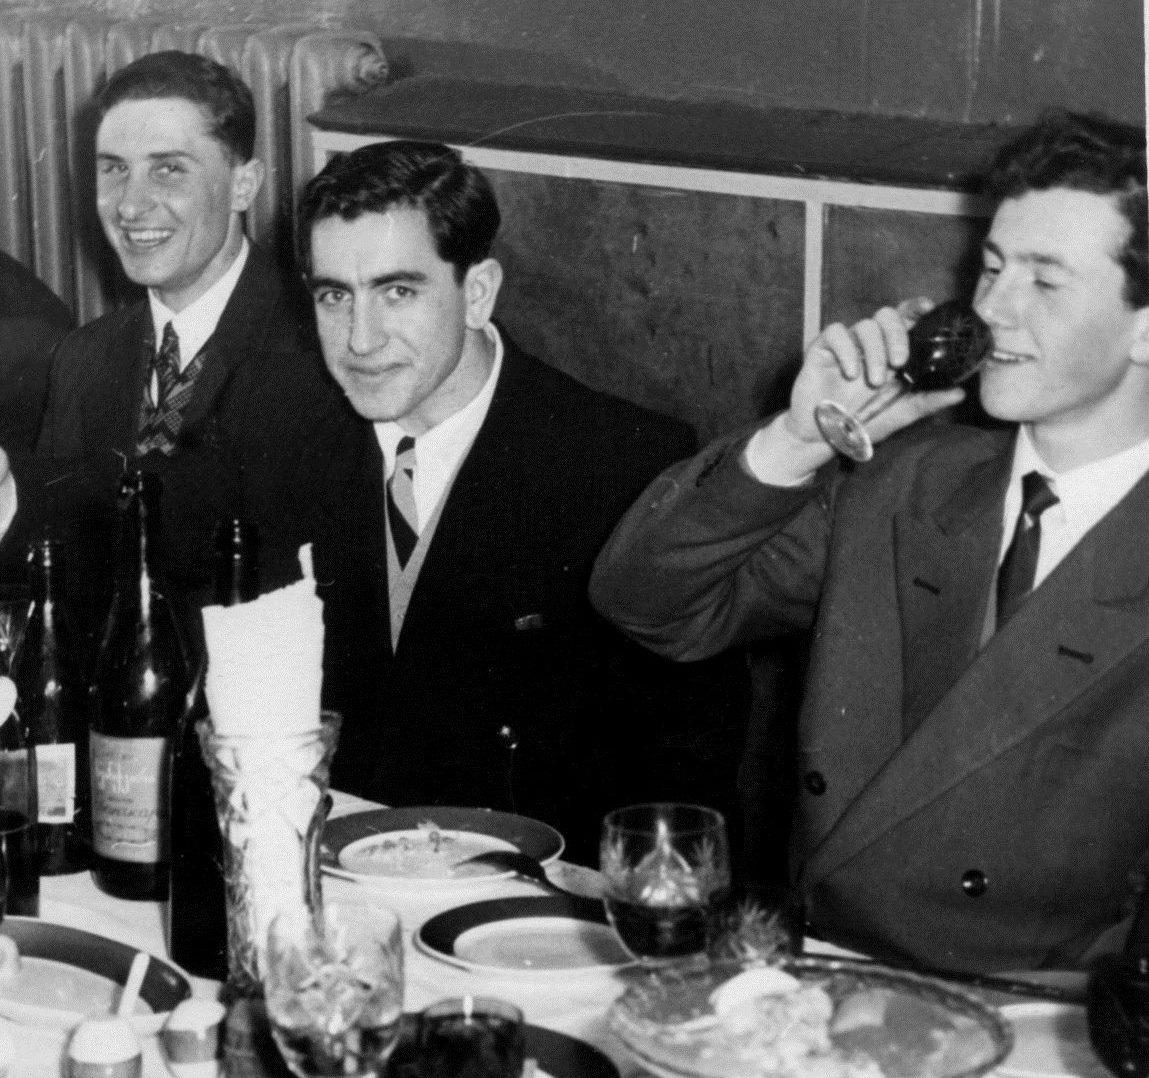 Фото из архива А. Фомкина. «Спортивное» застолье 50-х, слева направо: Александр Фомкин, Владимир Смирнов и Игорь Численко